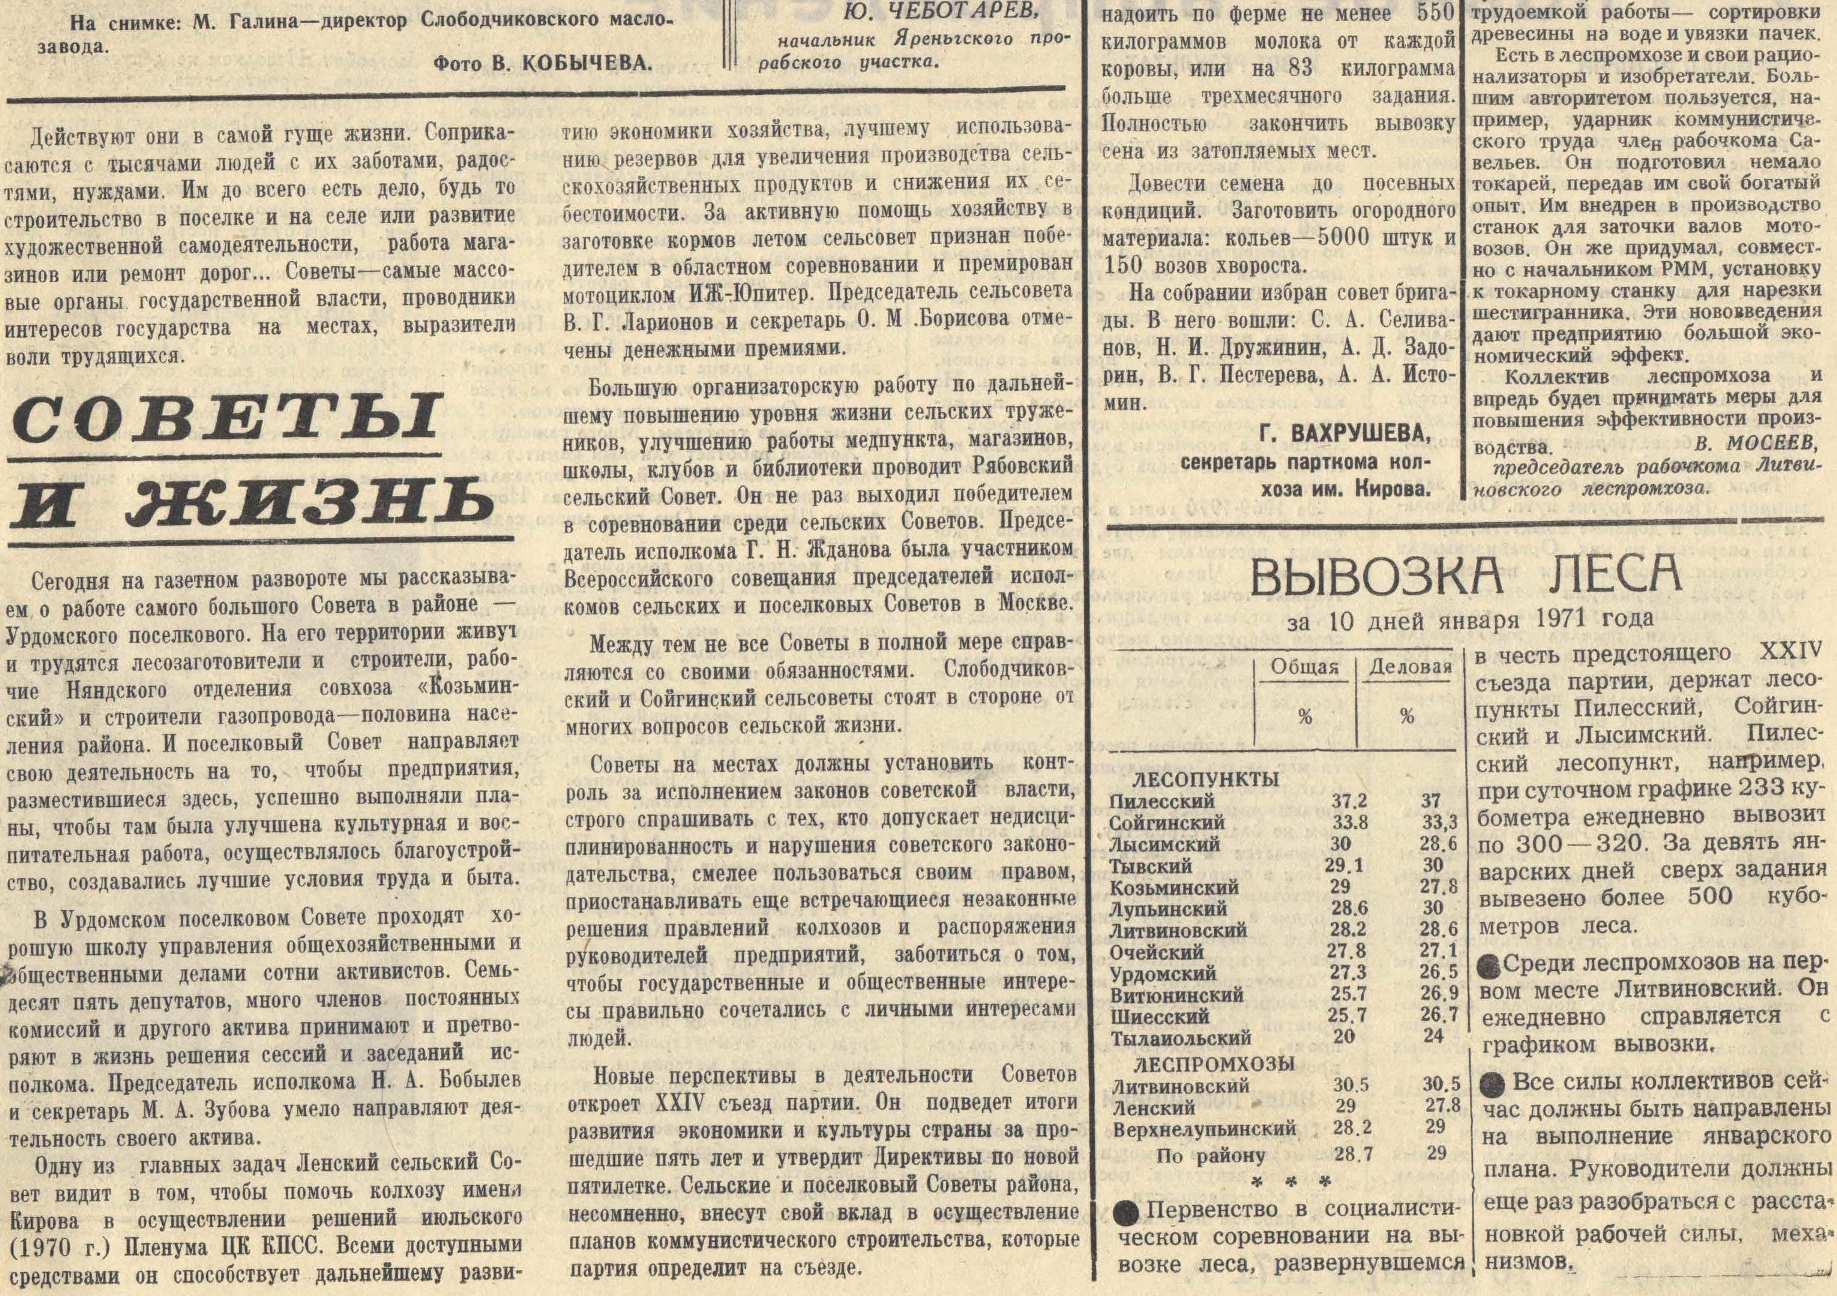 Маяк 16.01.1971 Урдомский поссовет. Почетная грамота (2)